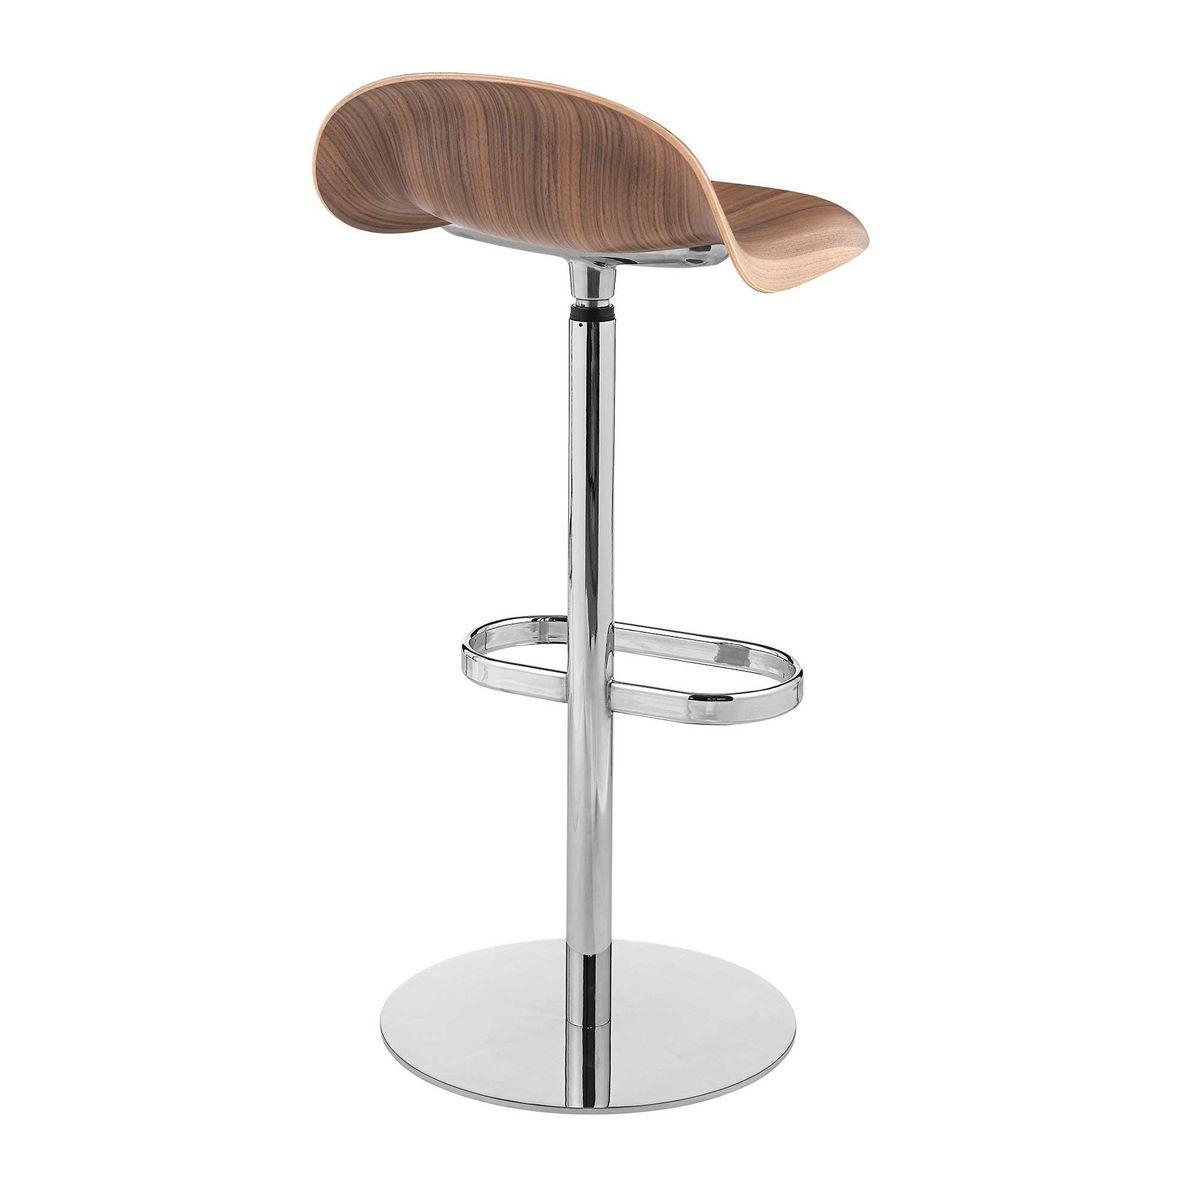 Gubi 3d bar stool barhocker mit drehgestell gubi for Barhocker 3d